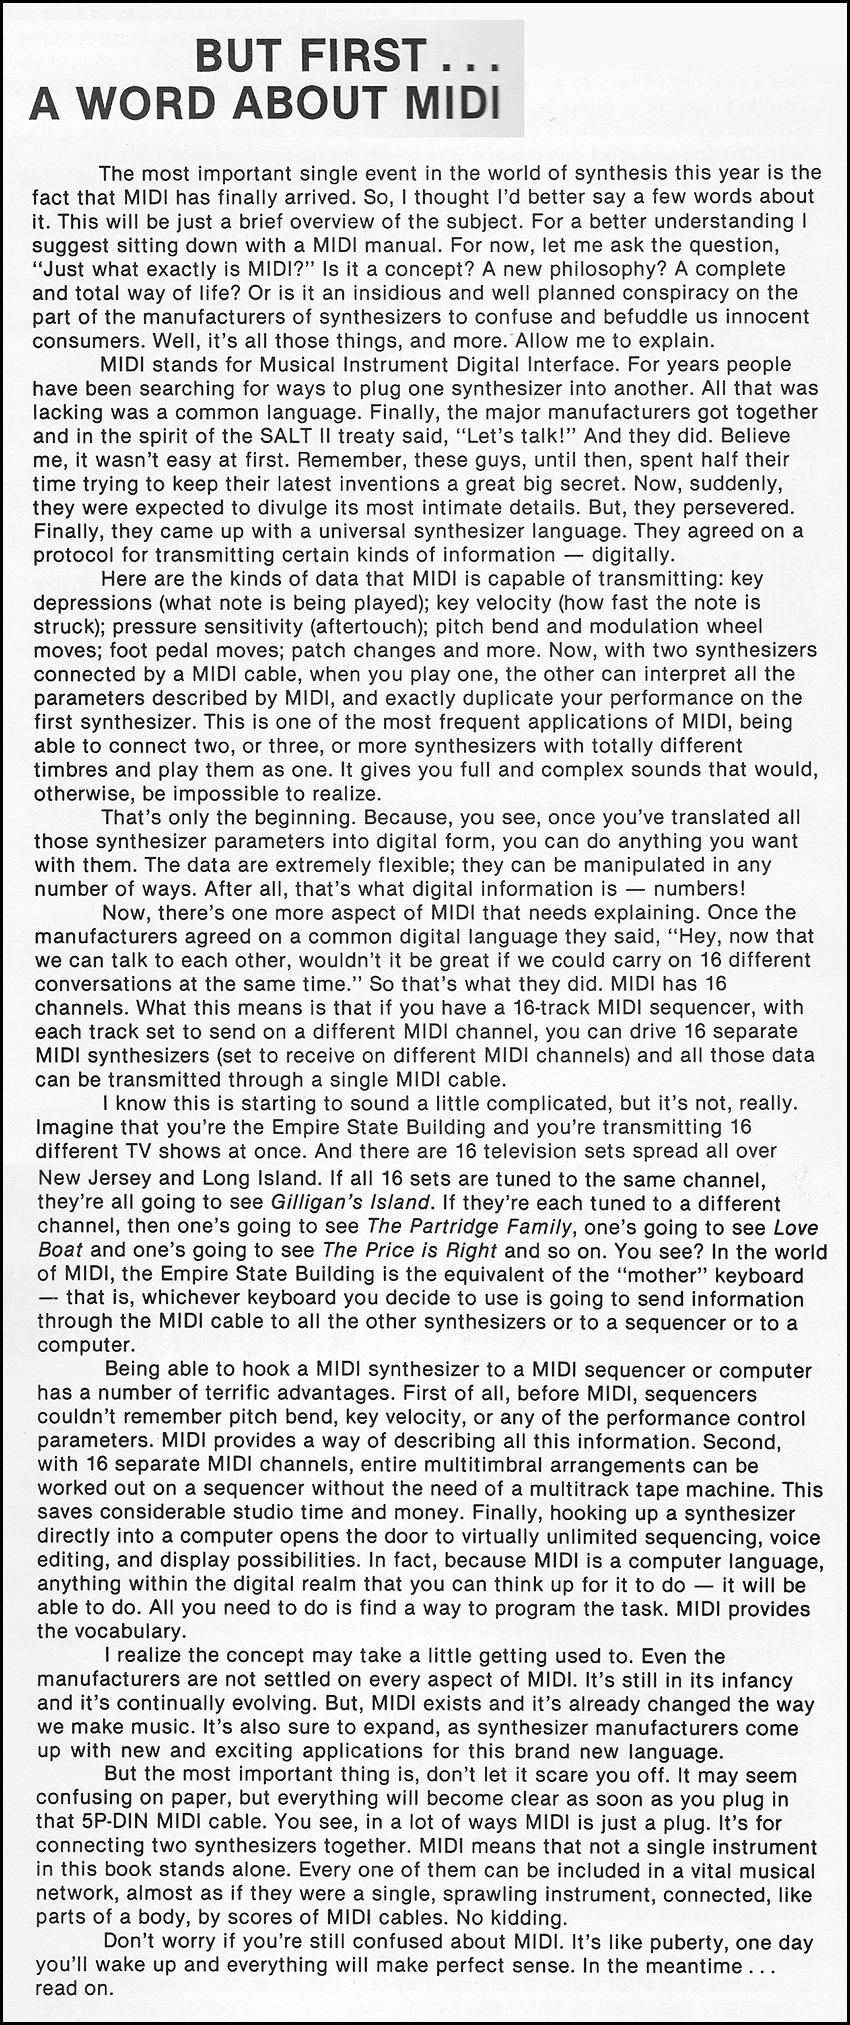 1985-MIDI-Explained.jpg